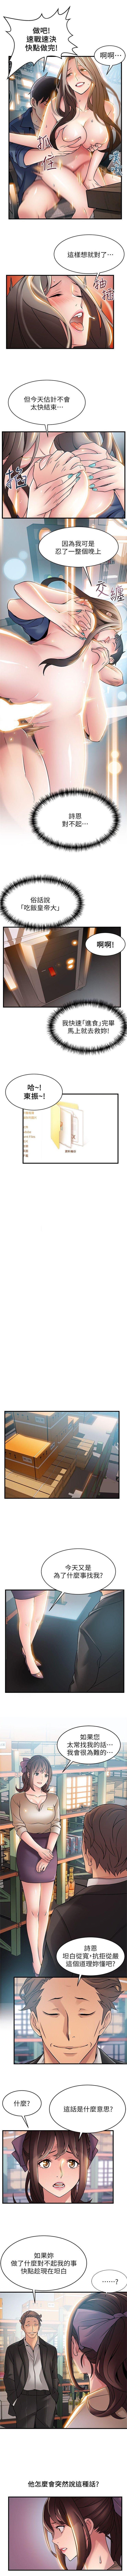 (週7)弱點 1-76 中文翻譯(更新中) 153